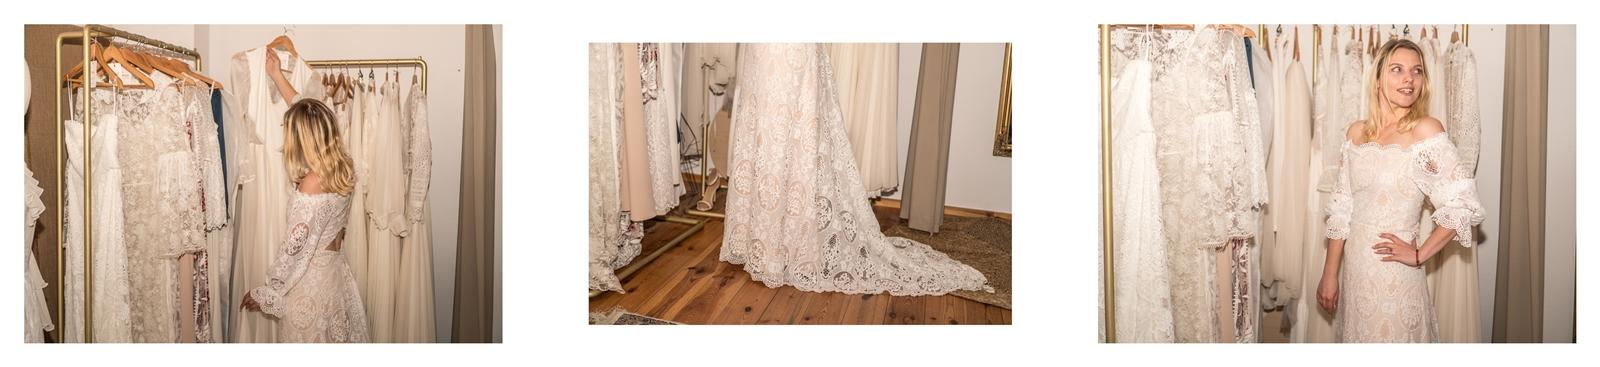 5a suknia ślubna jak z bajki jak wybrać suknie ślubne blisko łódź poznań warszawa kielce kraków wrocław bydgoszcz częstochowa toruń gdynia szczecin sopot